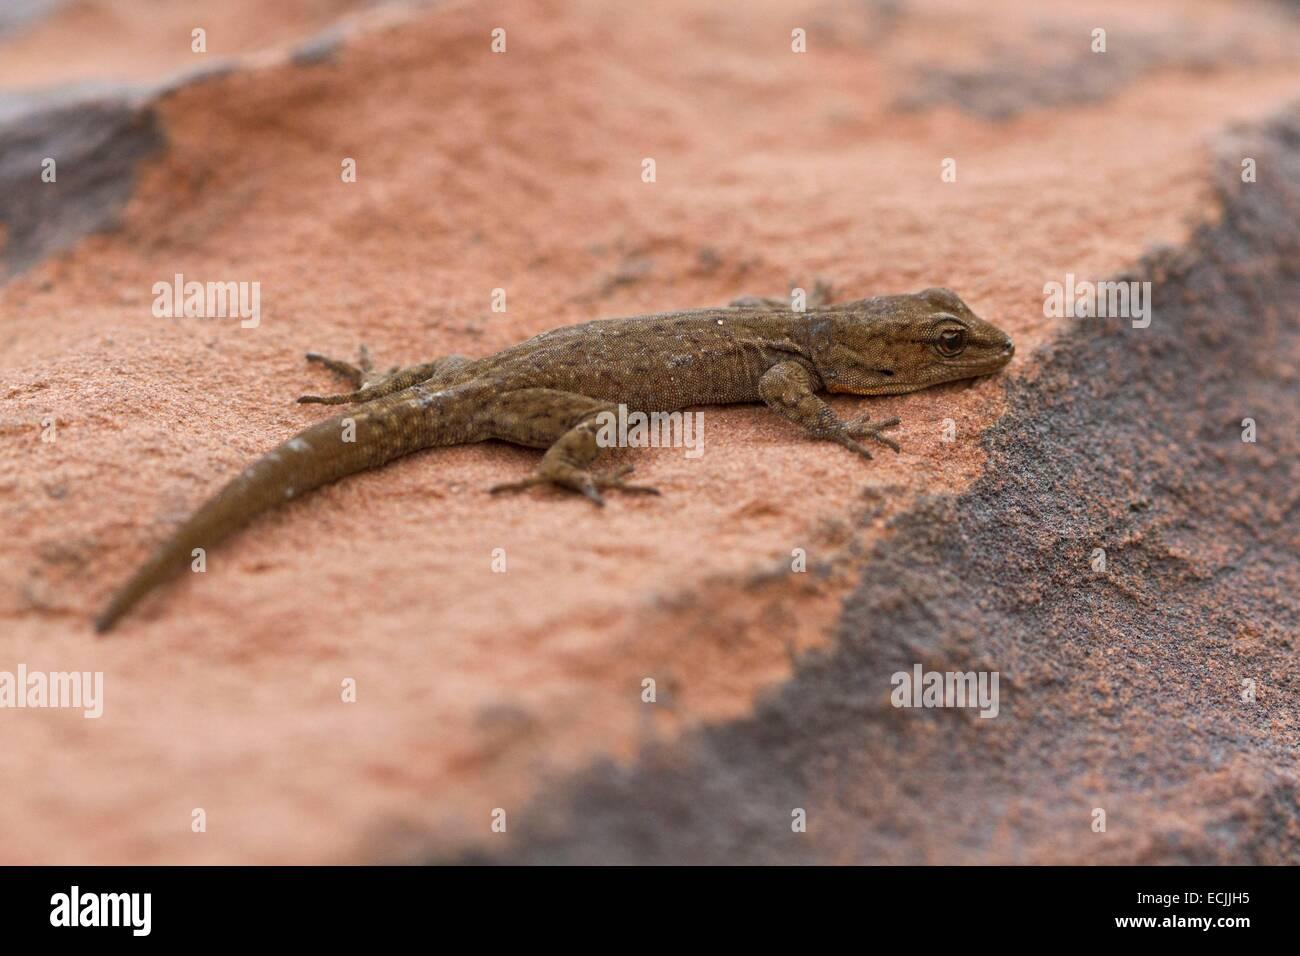 Le Maroc, Haut Atlas, Gecko épineuse de l'œil (Quedenfeldtia trachyblepharus) Photo Stock